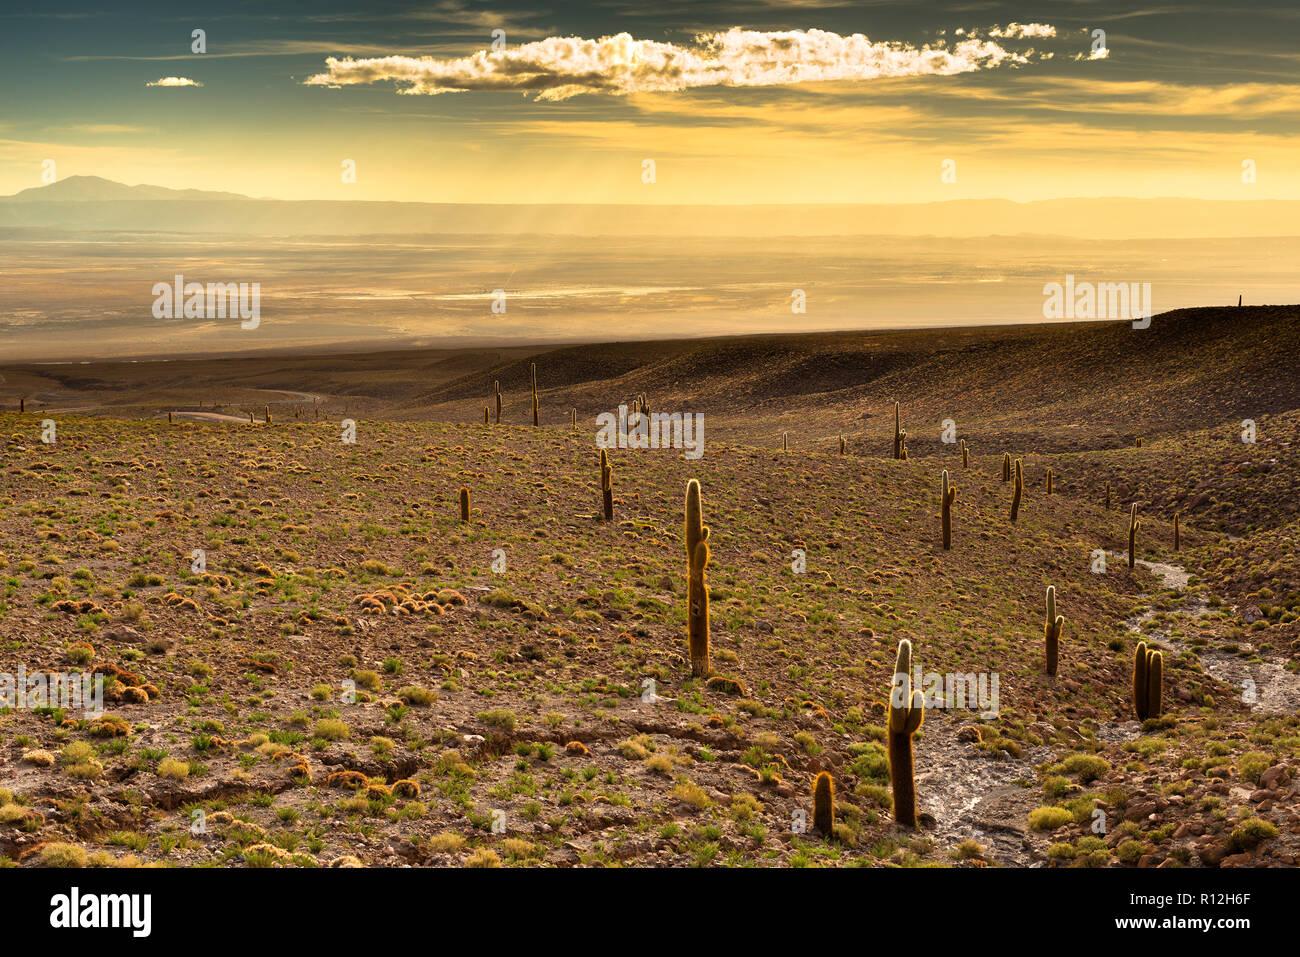 View of the Atacama Salt Lake (Salar de Atacama) at sunset, Atacama desert, Chile Stock Photo